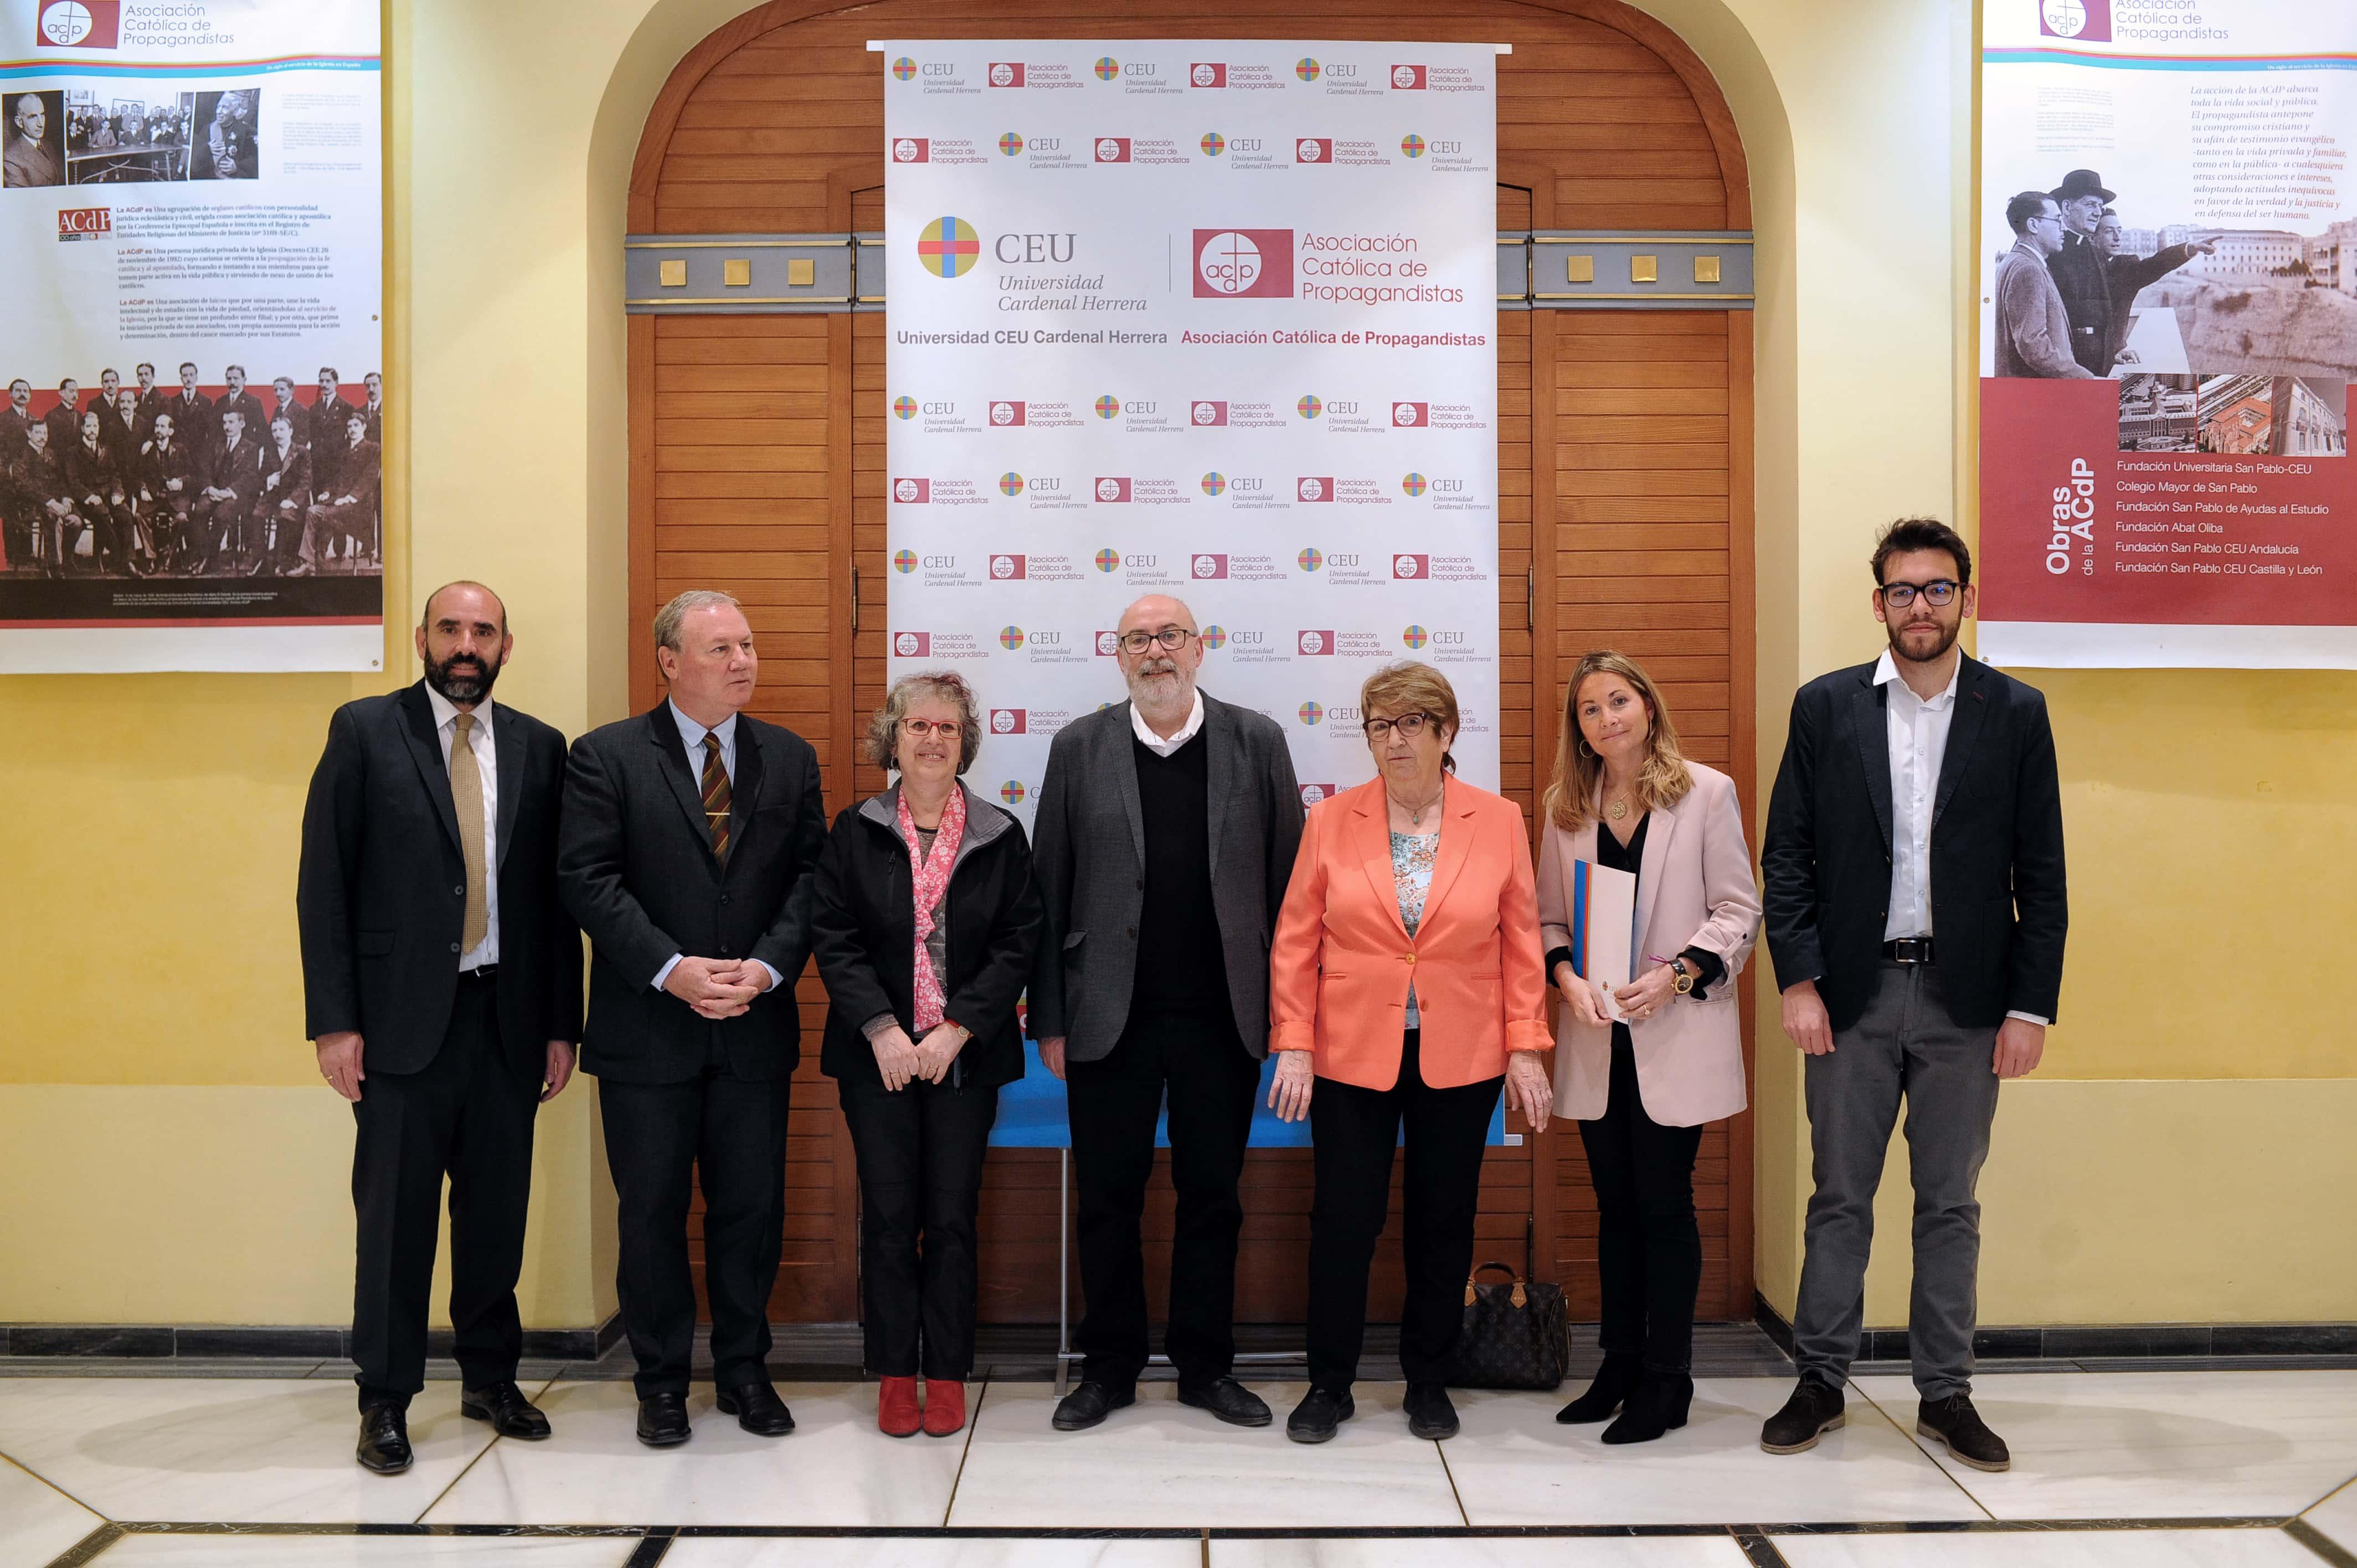 la-ceu-uch-y-la-autnoma-de-barcelona-premian-a-los-ayuntamientos-de-valencia-alzira-elche-y-castelln-por-la-transparencia-de-sus-webs-municipales_47592129631_o